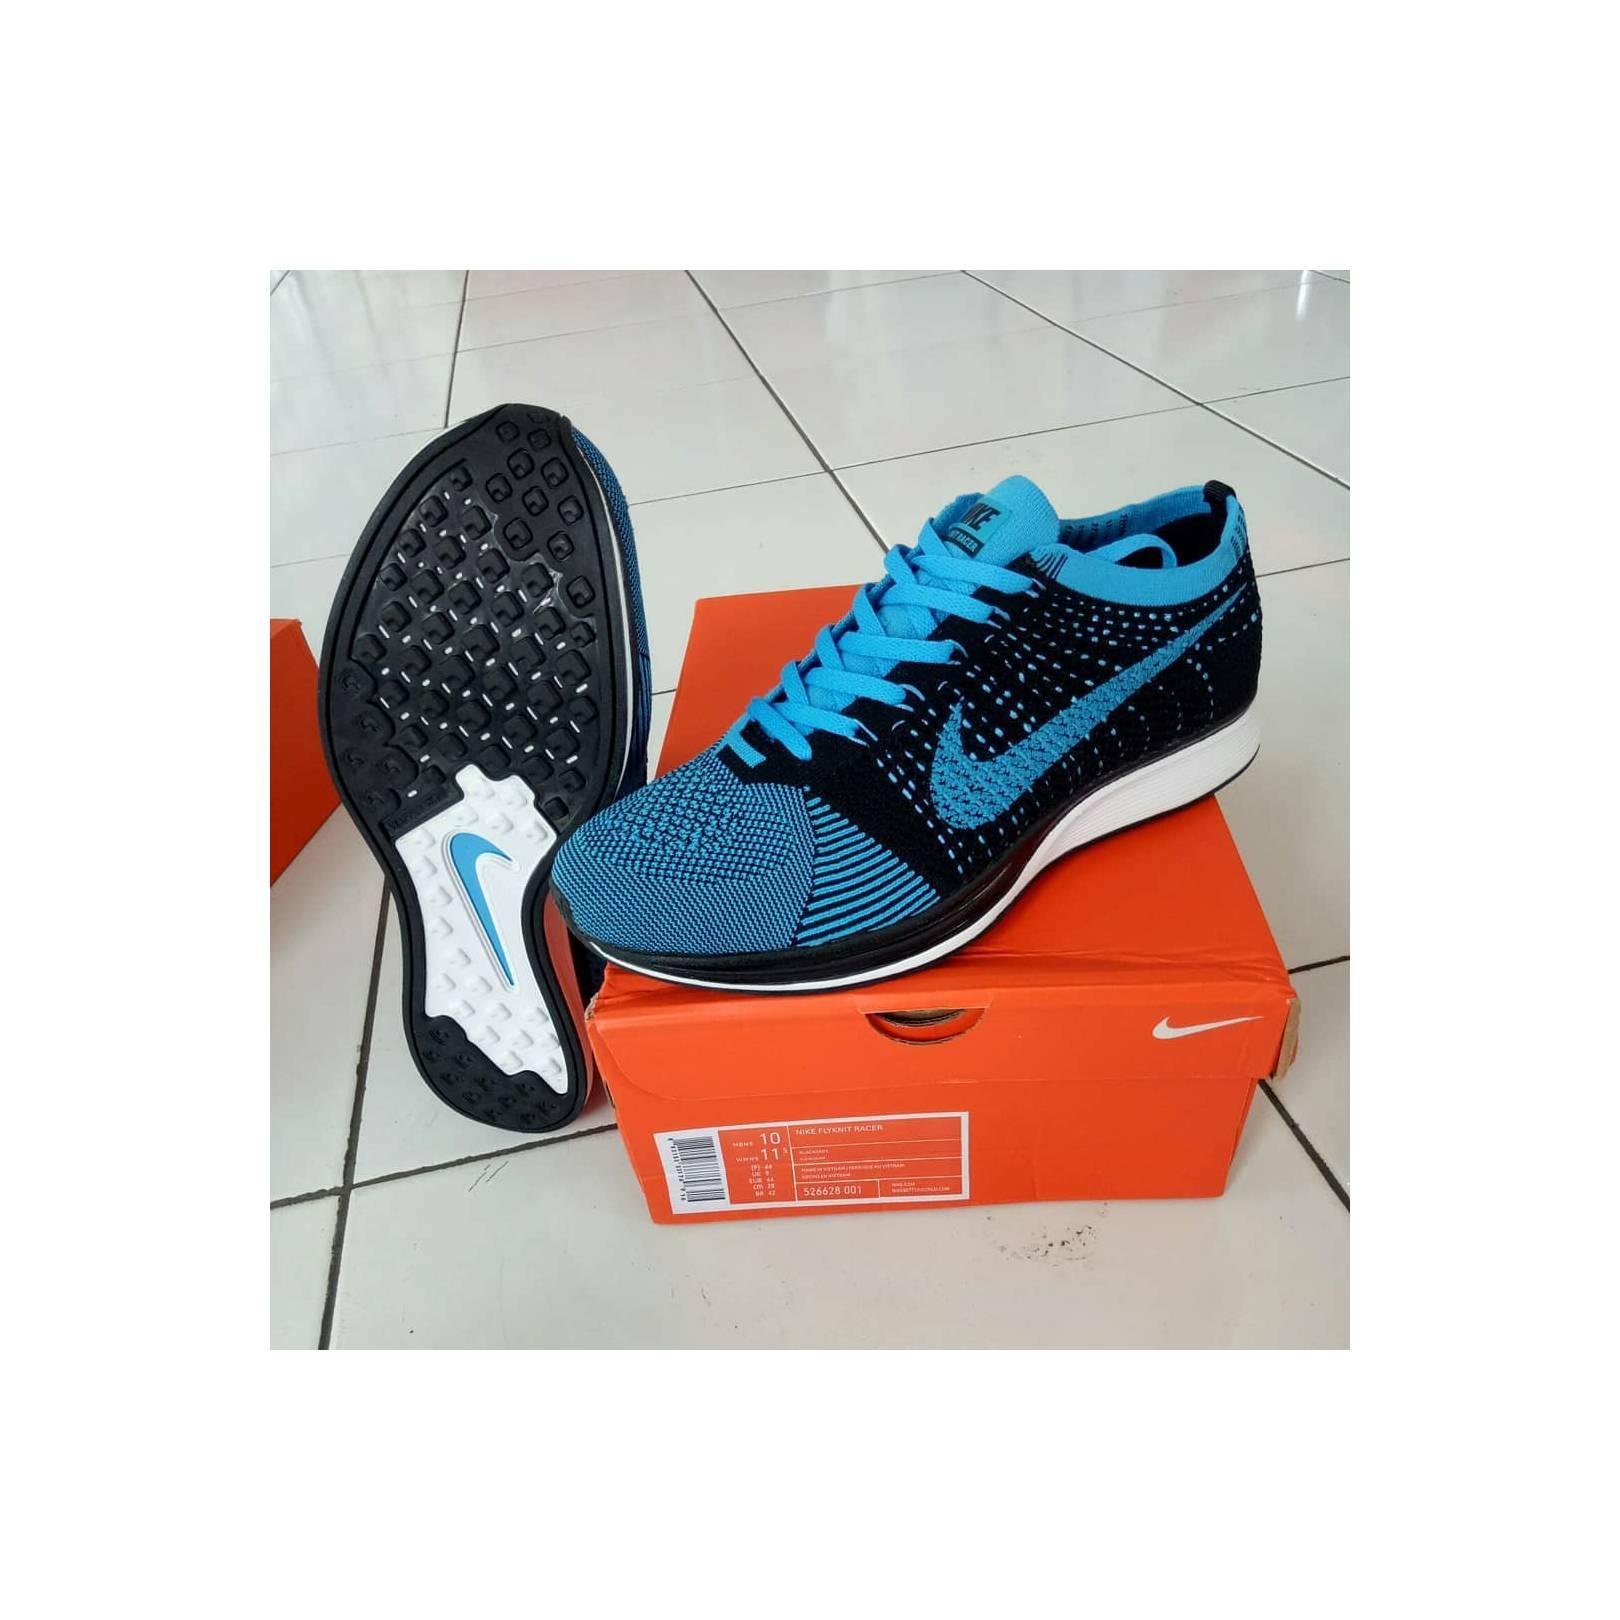 sepatu lari senam joging Nike airmax voli badminton tenis pingpong